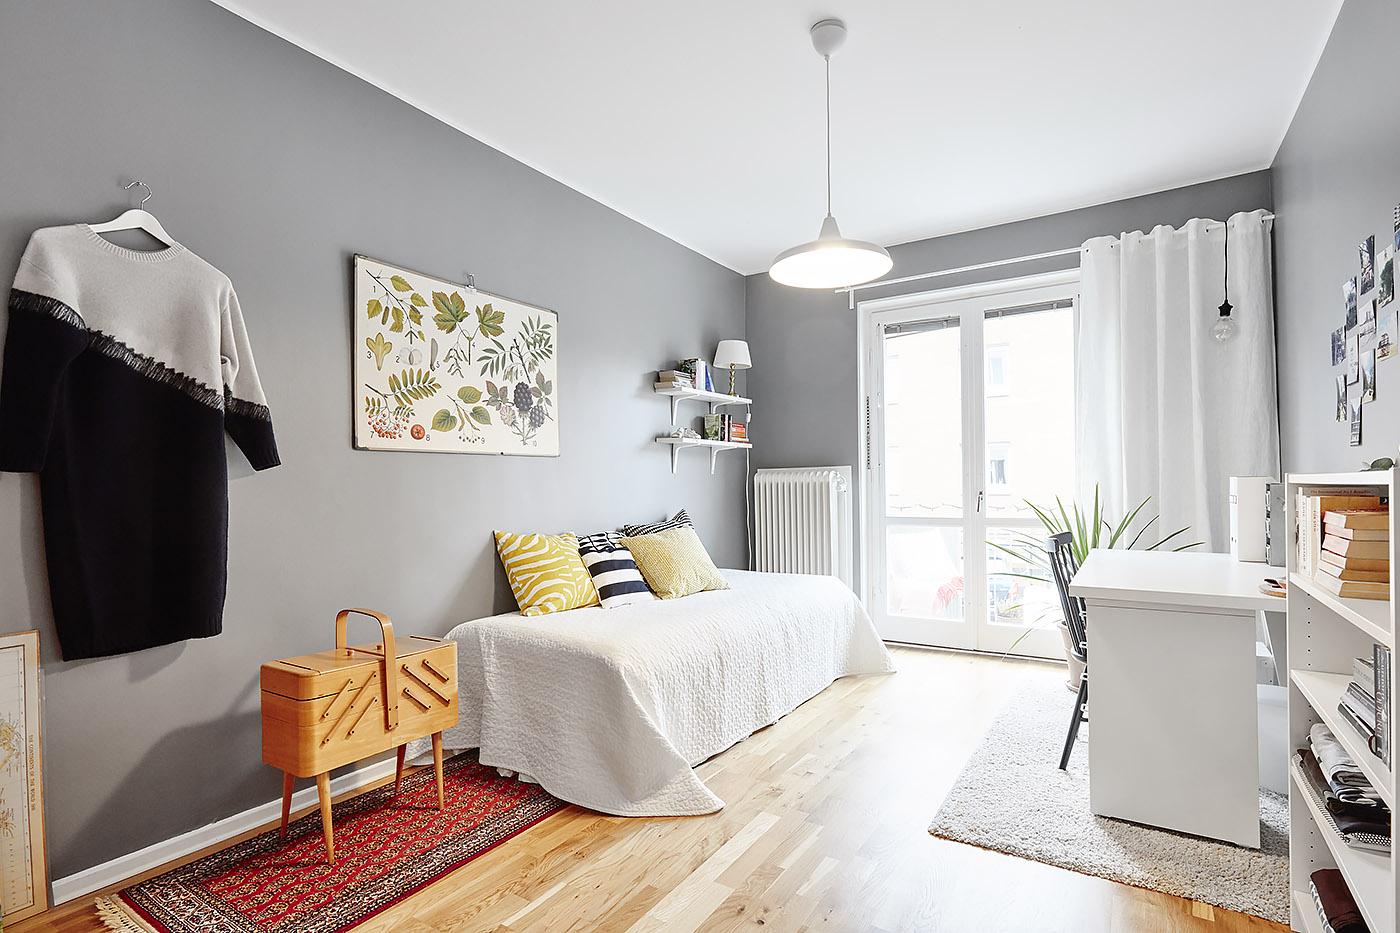 habitaciones juveniles de estilo n rdico blog tienda